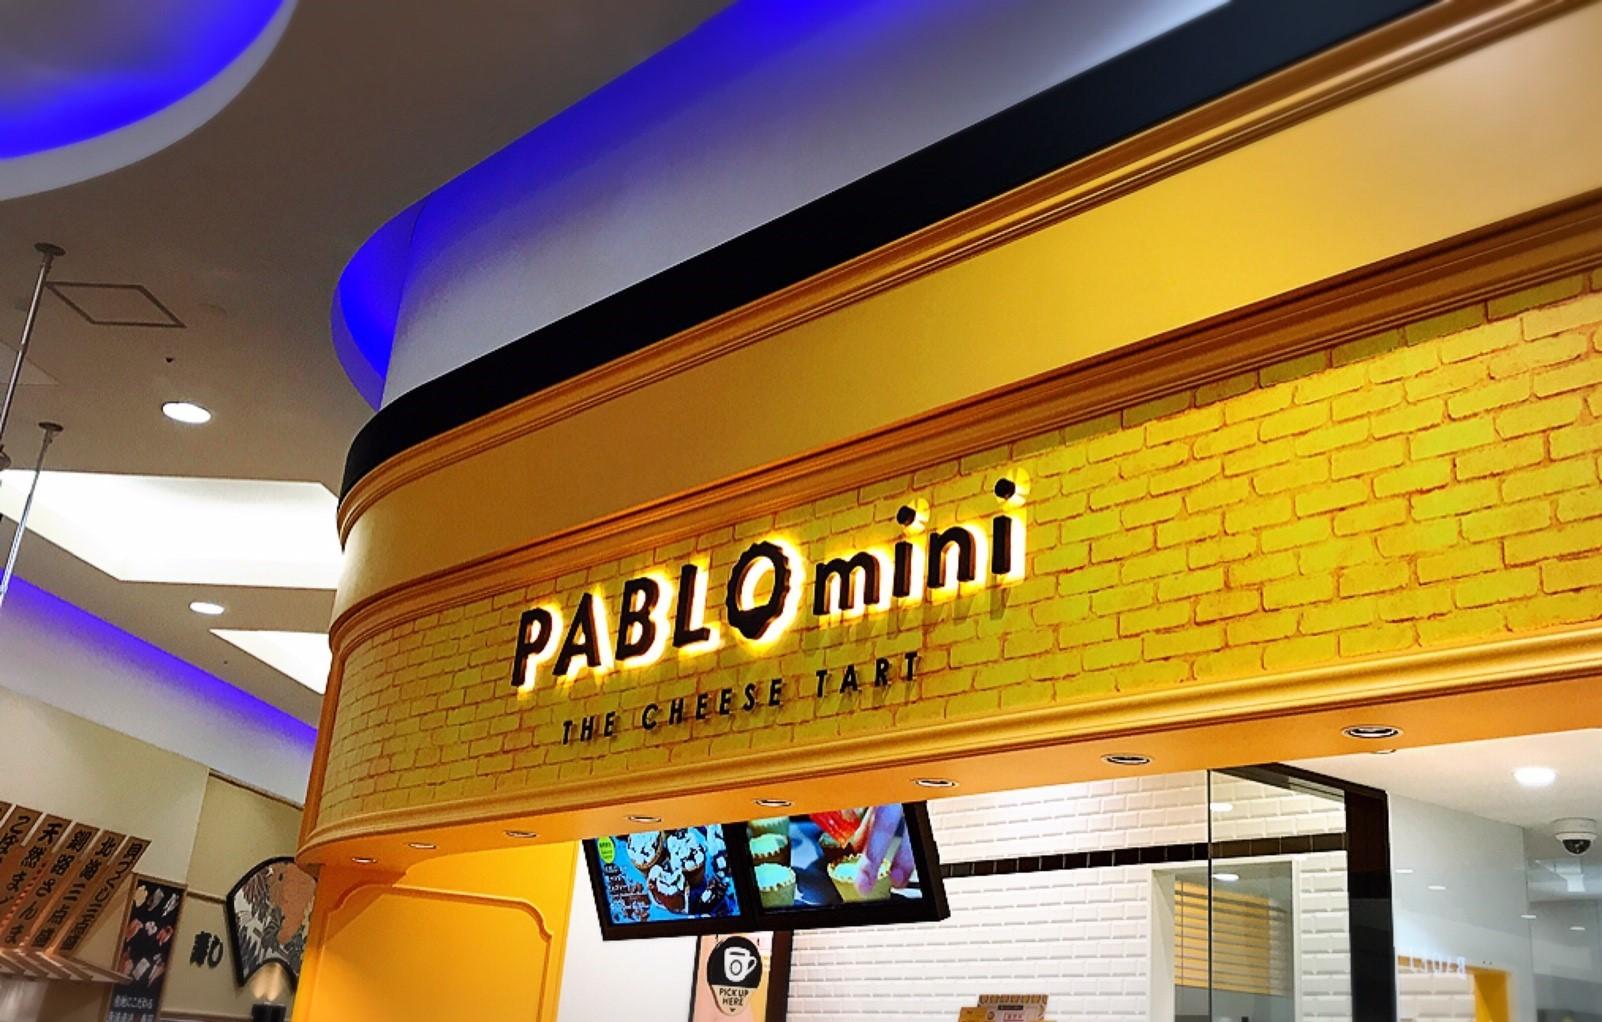 焼きたてチーズタルト専門店 PABLO mini/札幌市 西区_c0378174_14520430.jpg